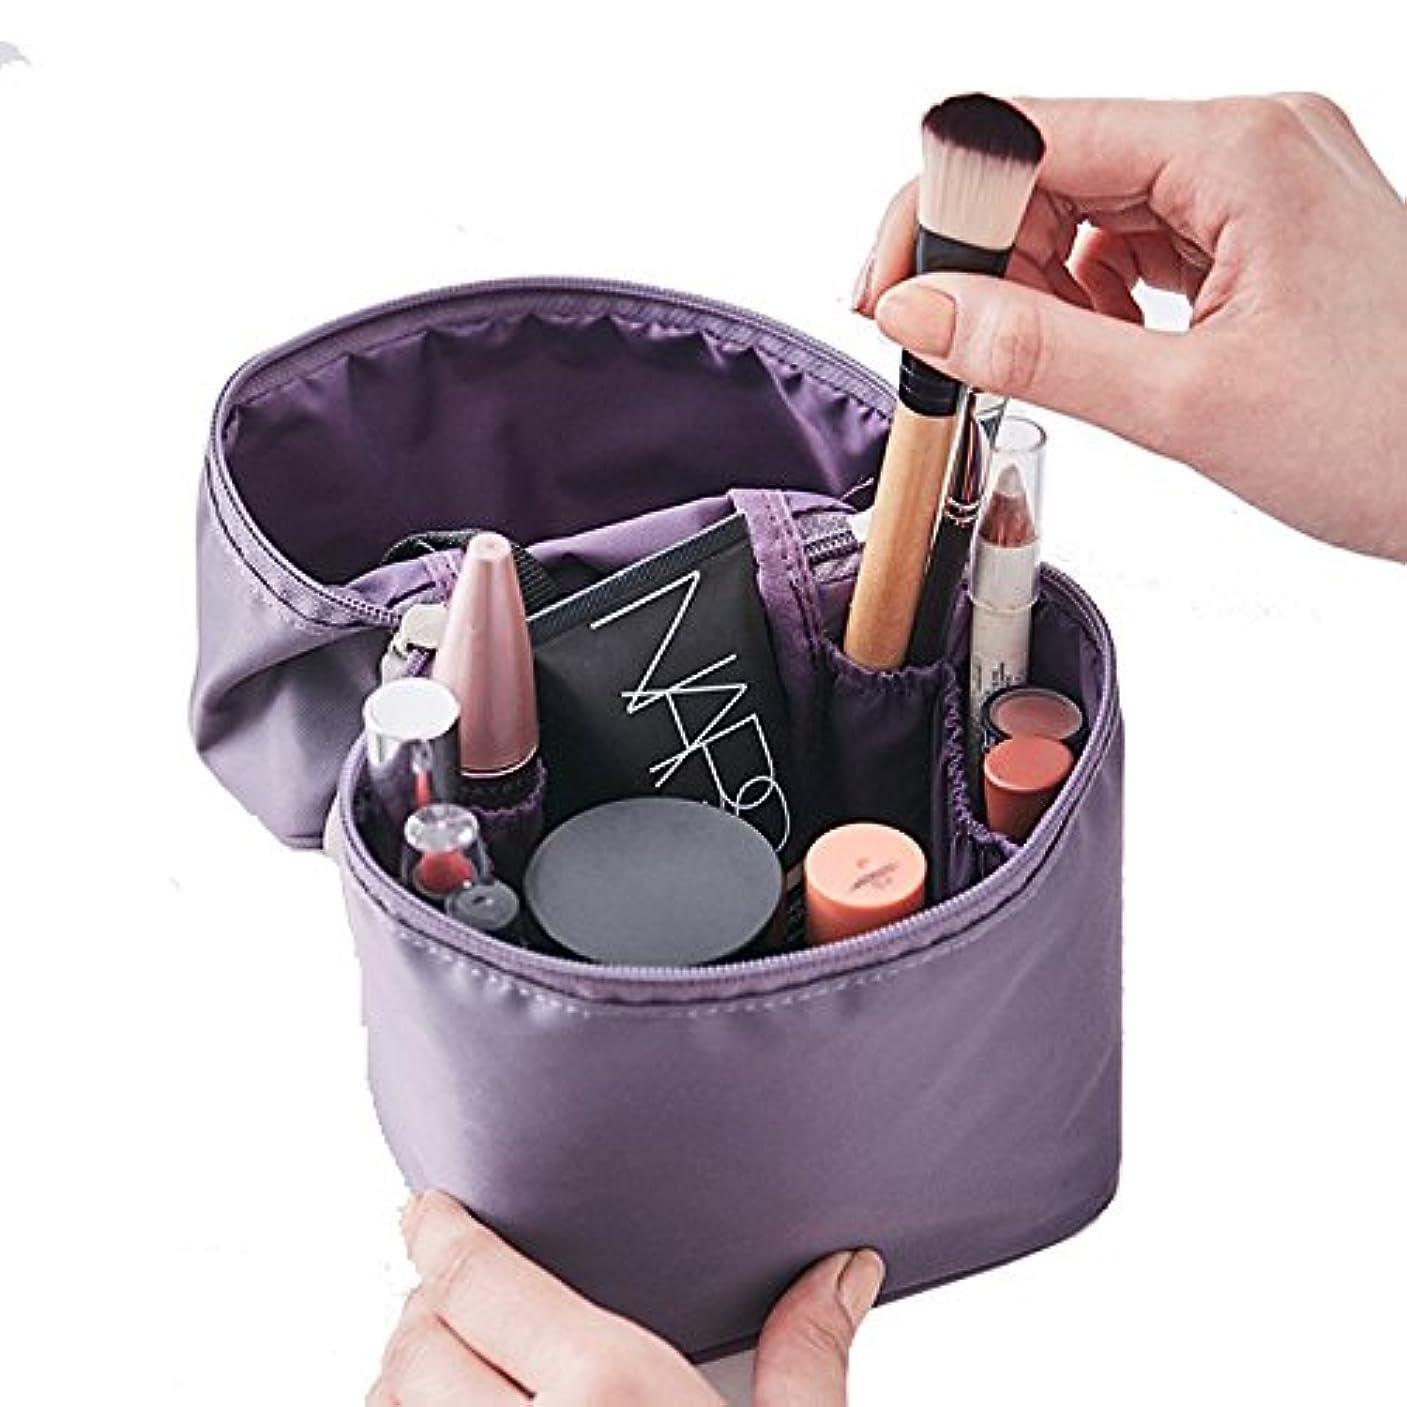 ロシアステンレスイソギンチャクithinkso VERTICAL MAKE-UP BOX 縦に収納できるボックスタイプ化粧ポーチ 化粧水 トラベル 旅行 (ラベンダー)